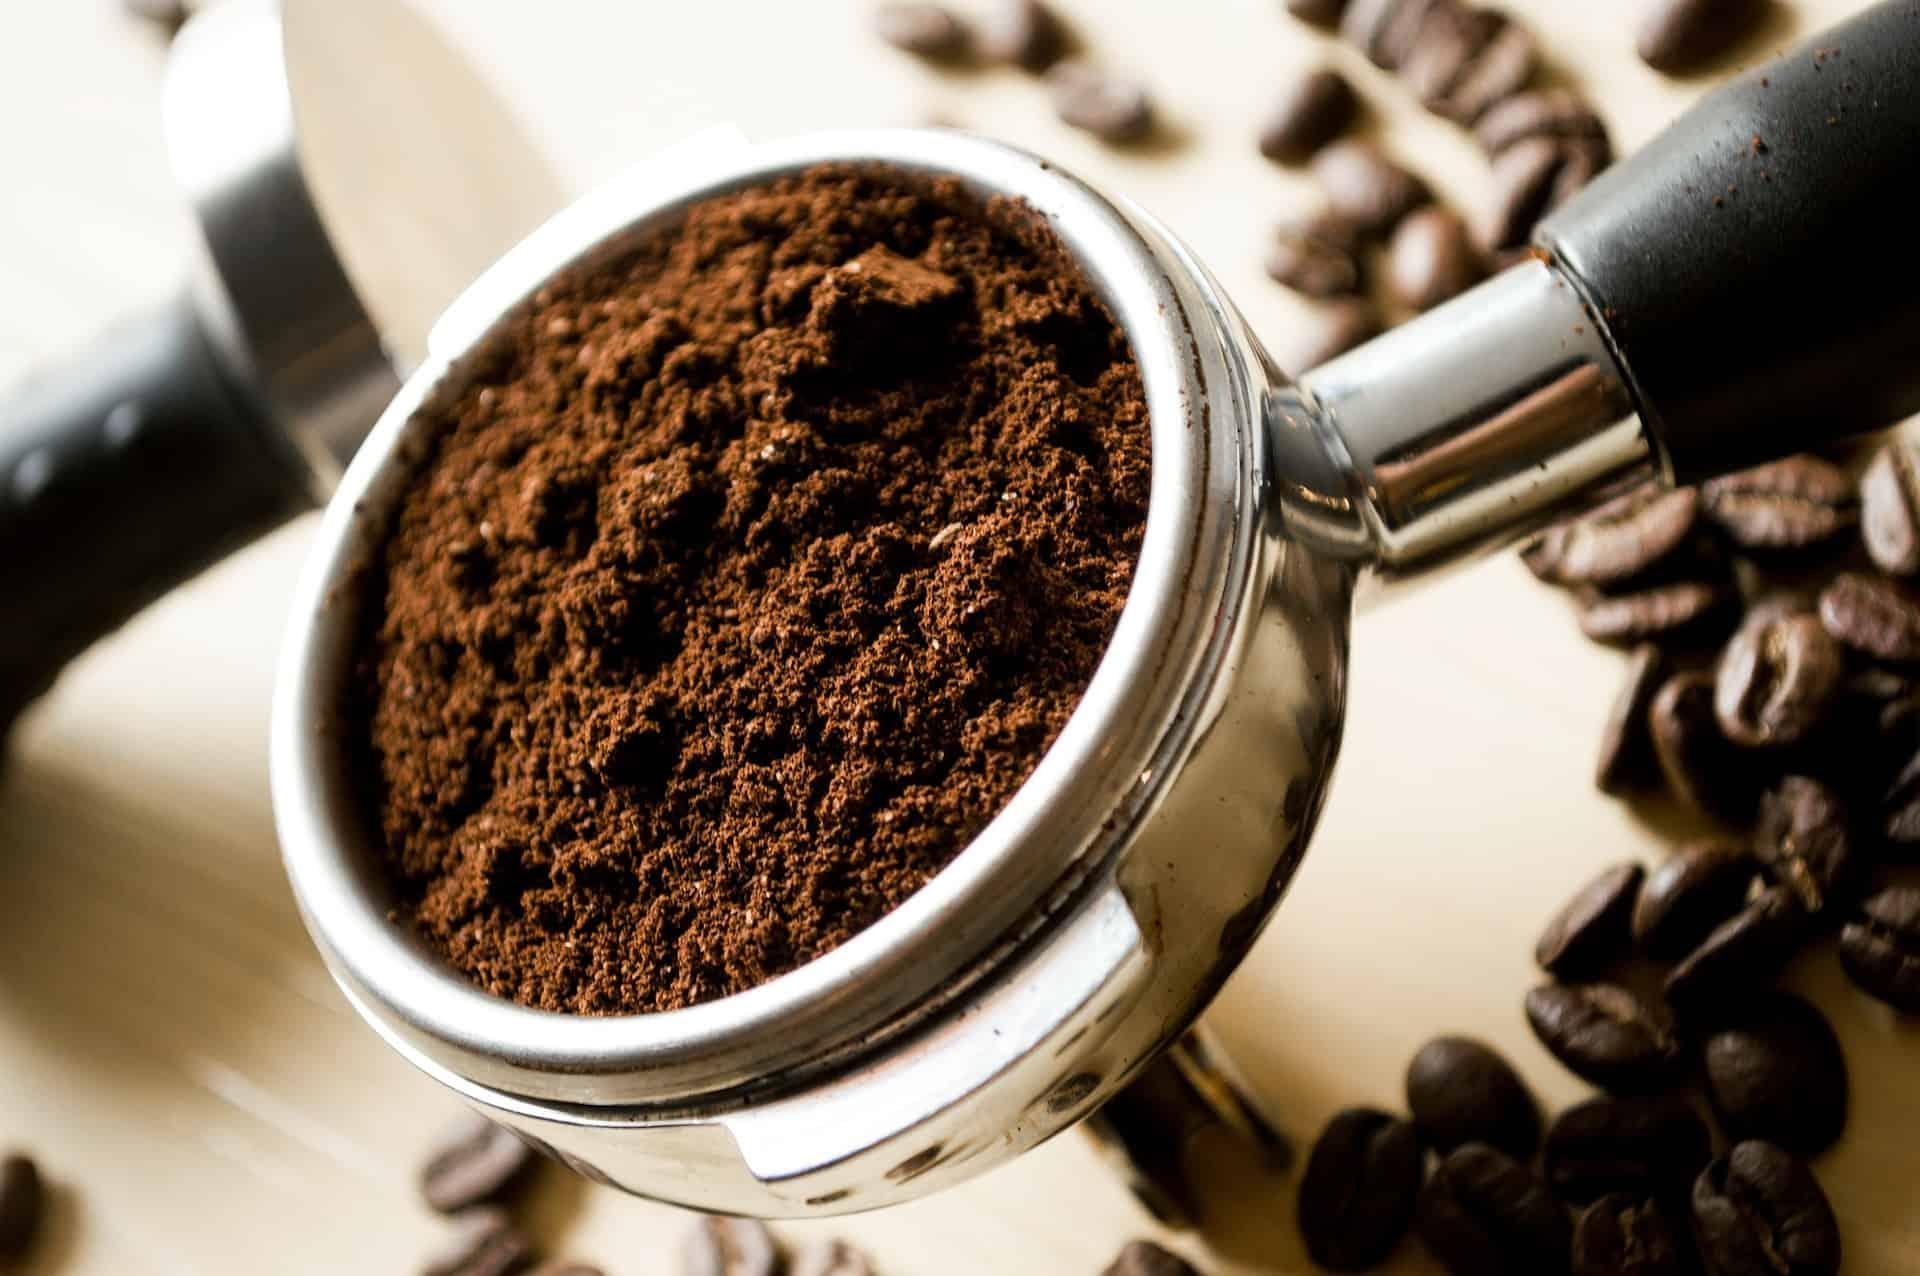 Kaffeesatz weiter verwenden